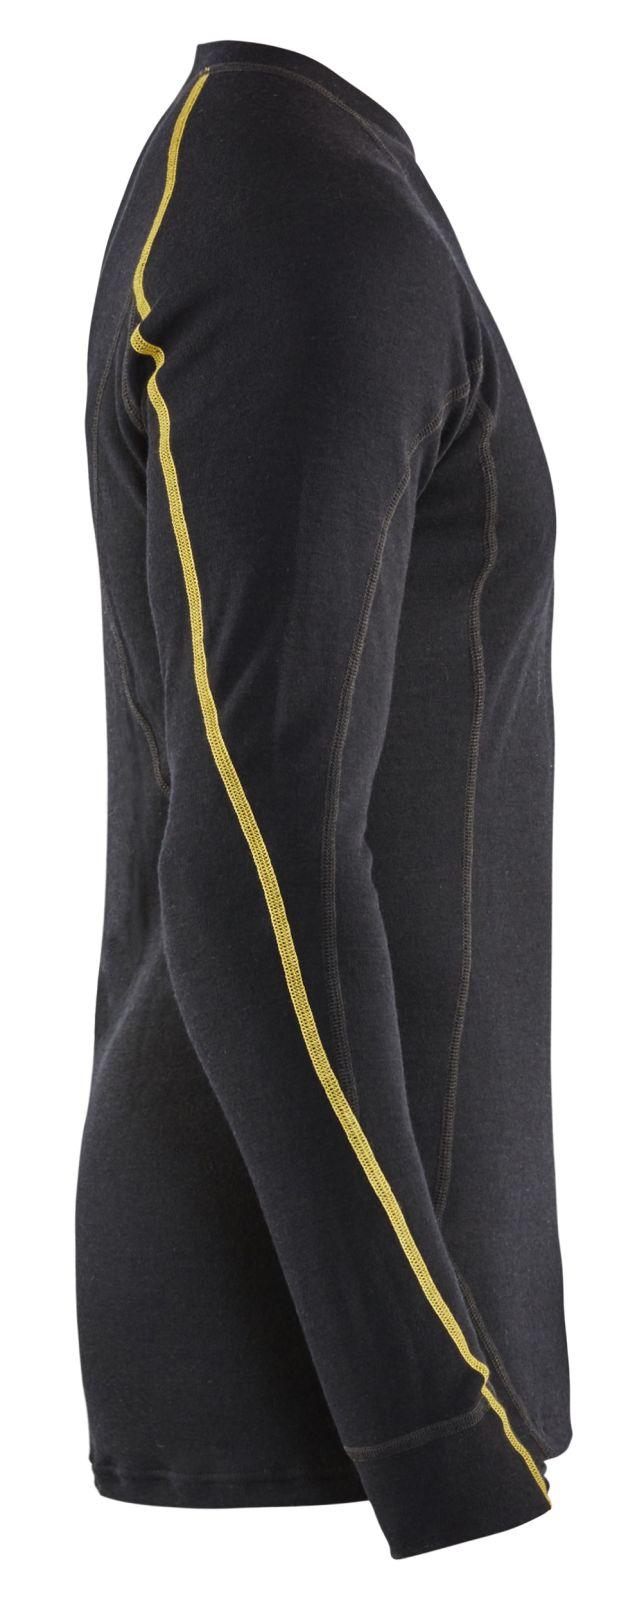 Blaklader Ondershirts 47941075 Onderhemden zwart(9900)